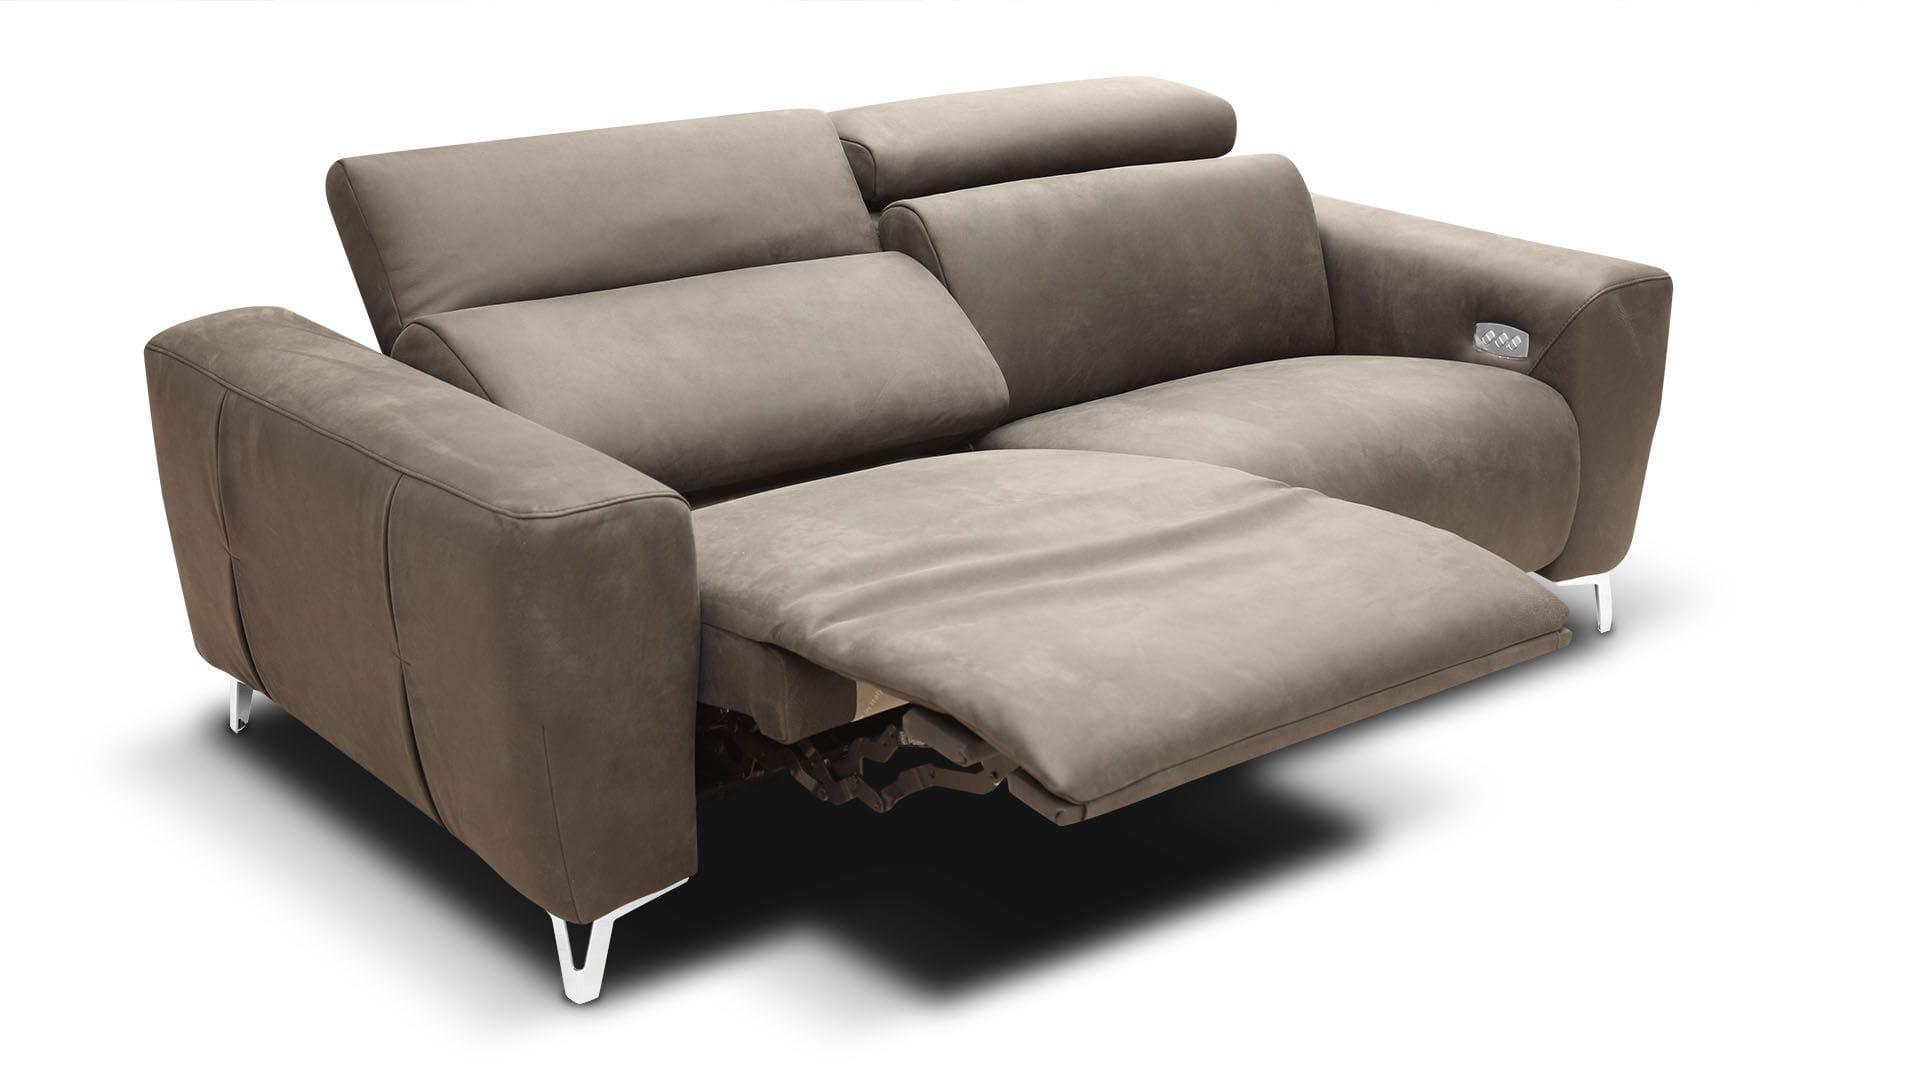 Unglaublich Sofa Kopfstütze Ideen Von Modernes / Leder / Schrägstellbar / Kopfstütze